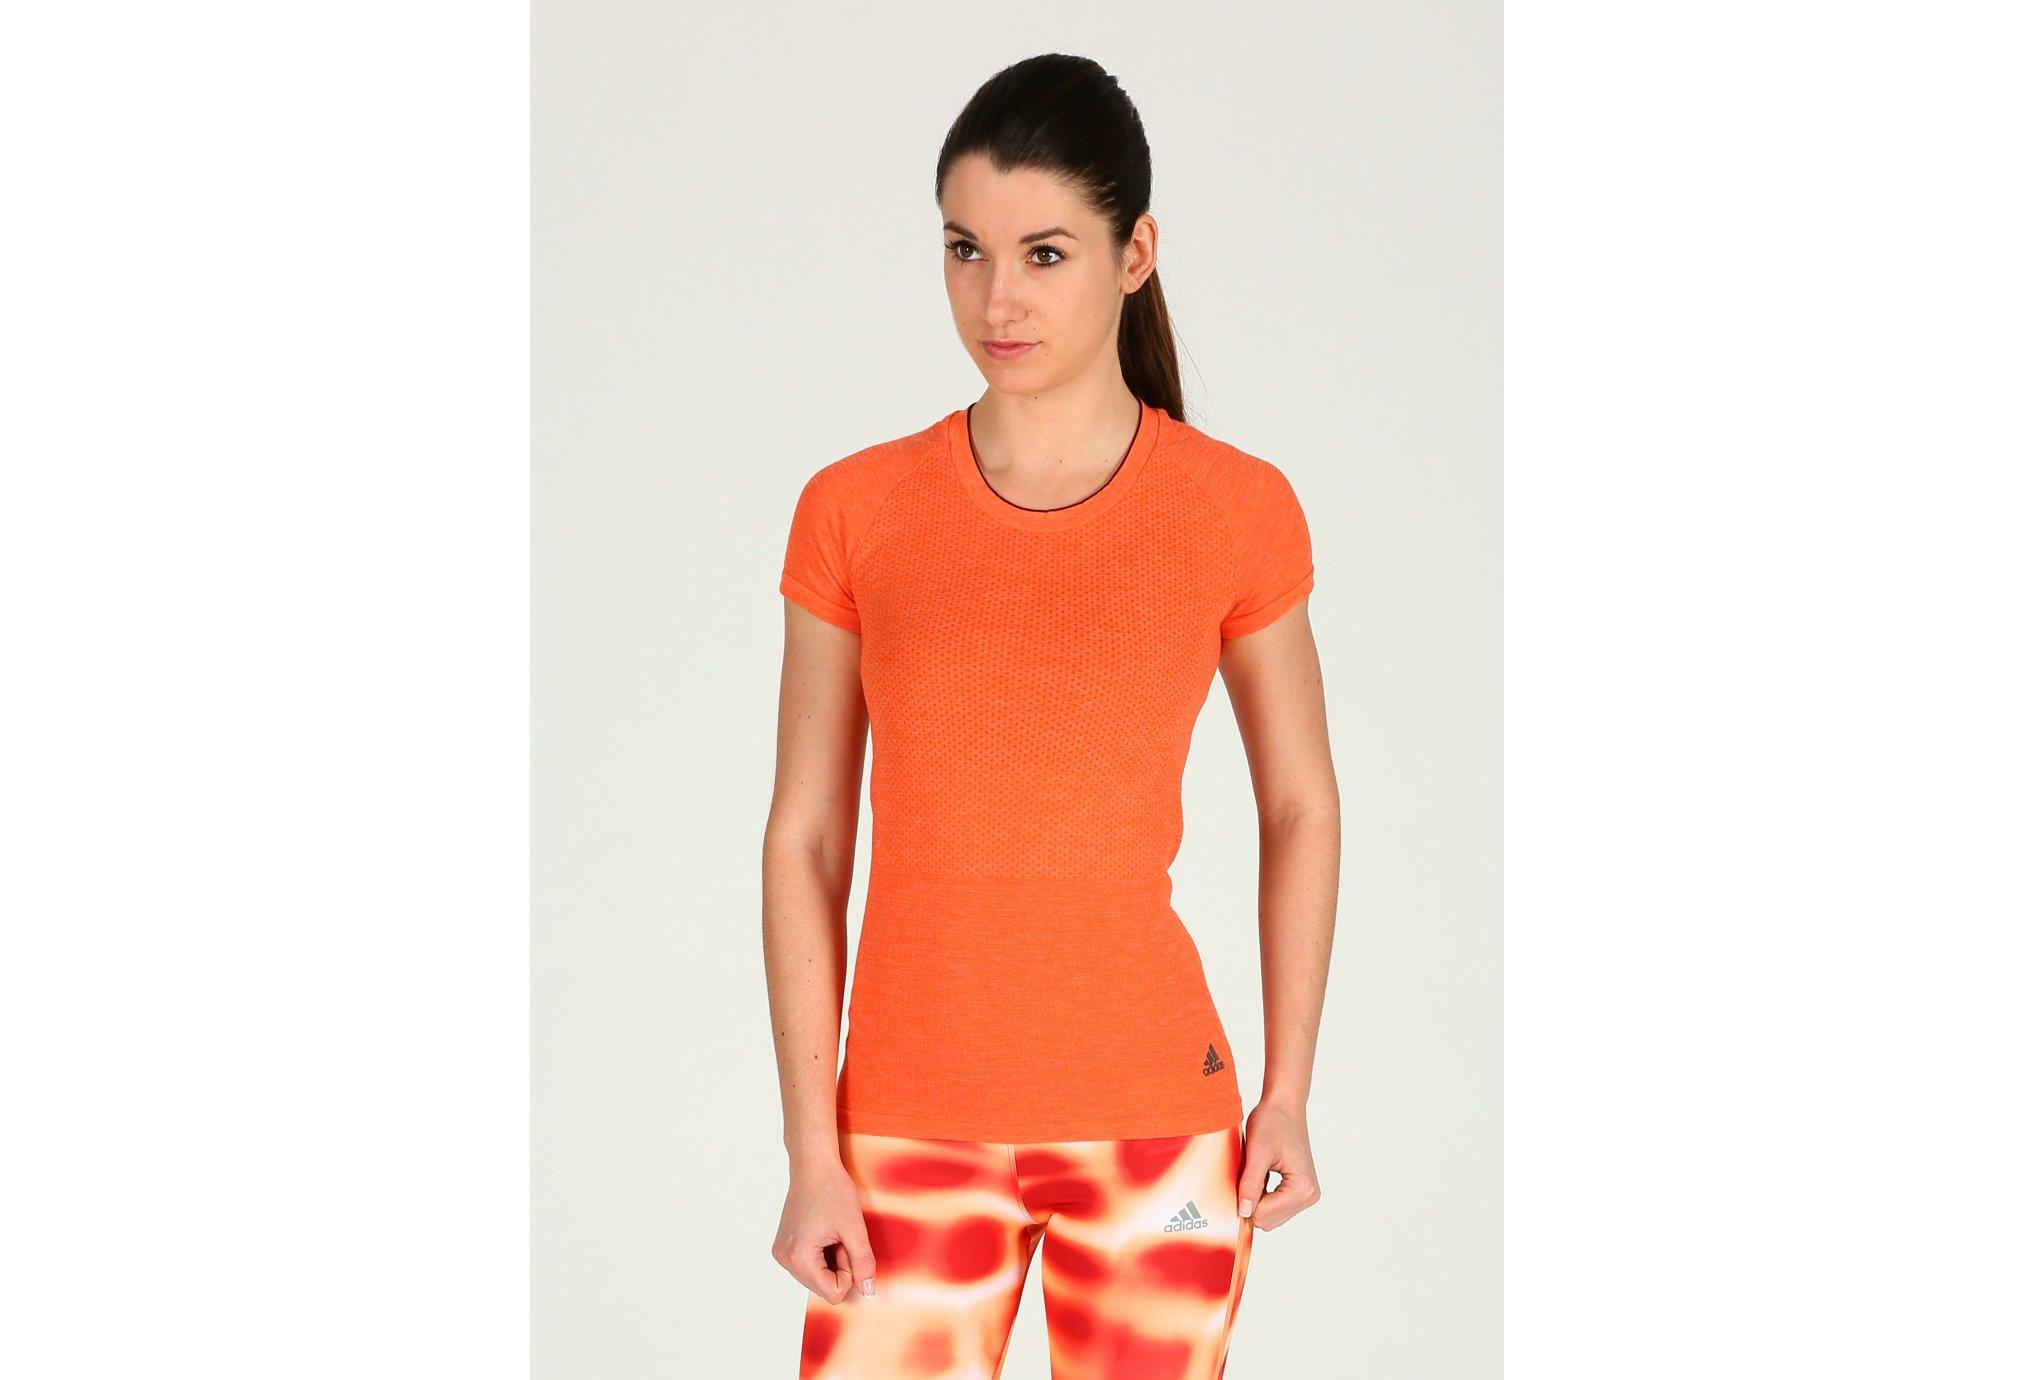 adidas Tee-shirt adistar Primeknit W Diététique Vêtements femme